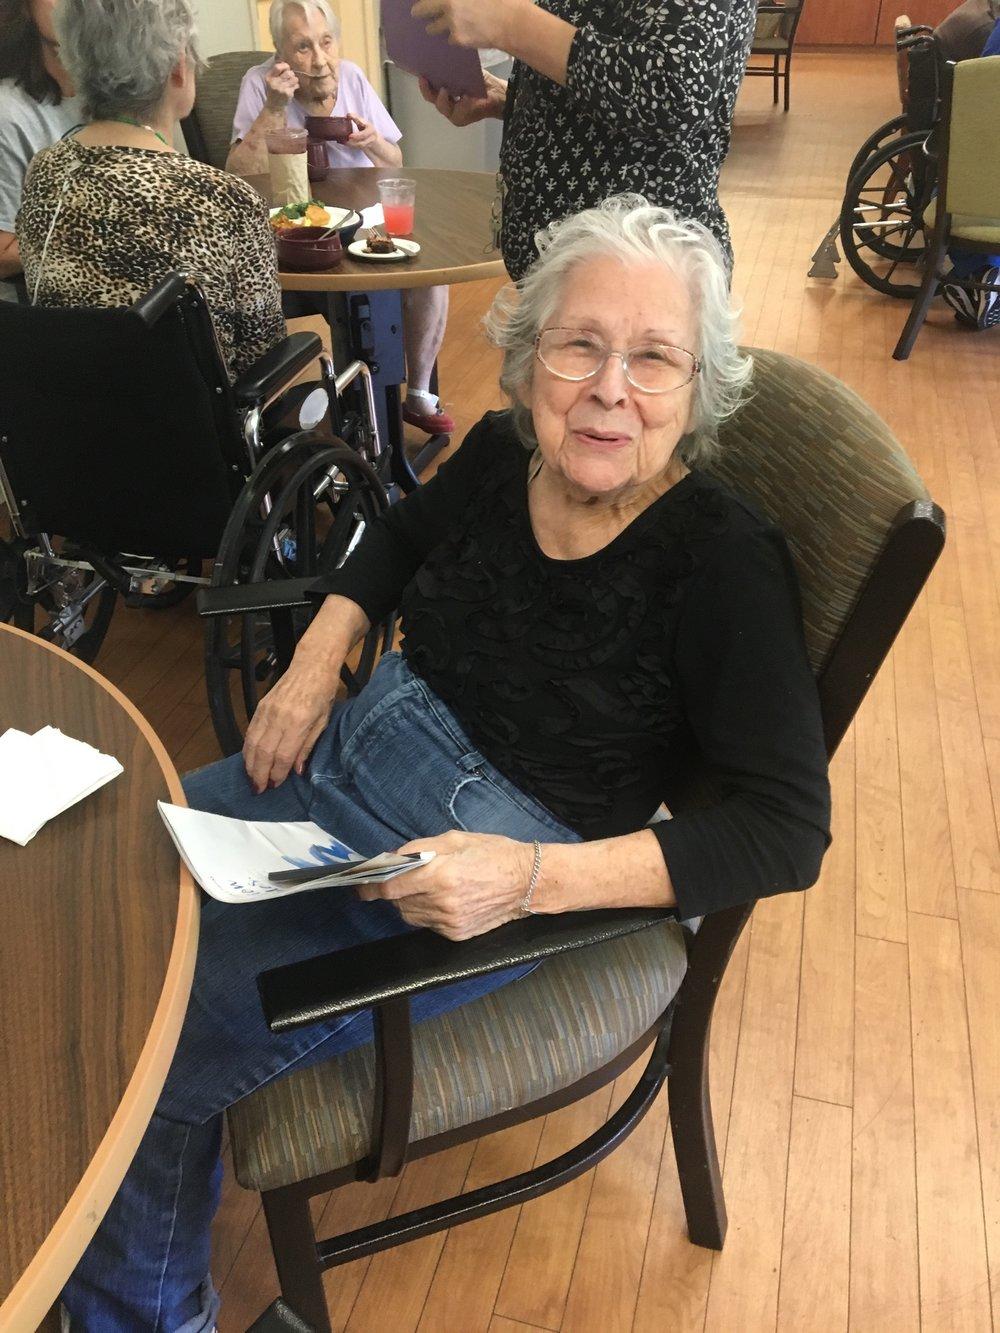 Greetings from regis Woods & Opals' Spokes-Senior - Mary of Regis Woods